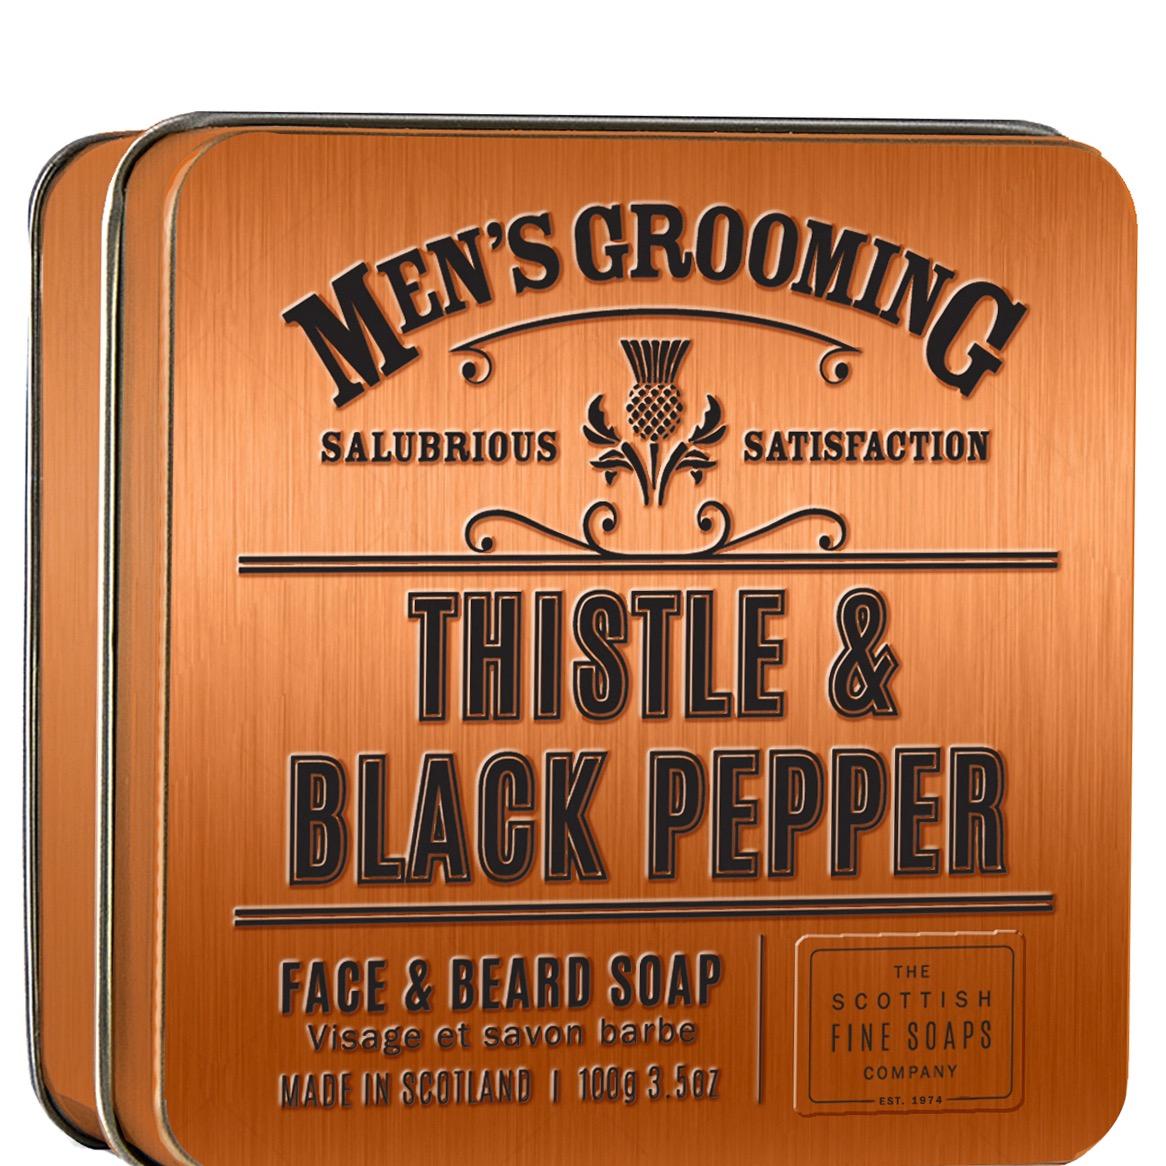 Face & Beard Soap Thistle & Black Pepper